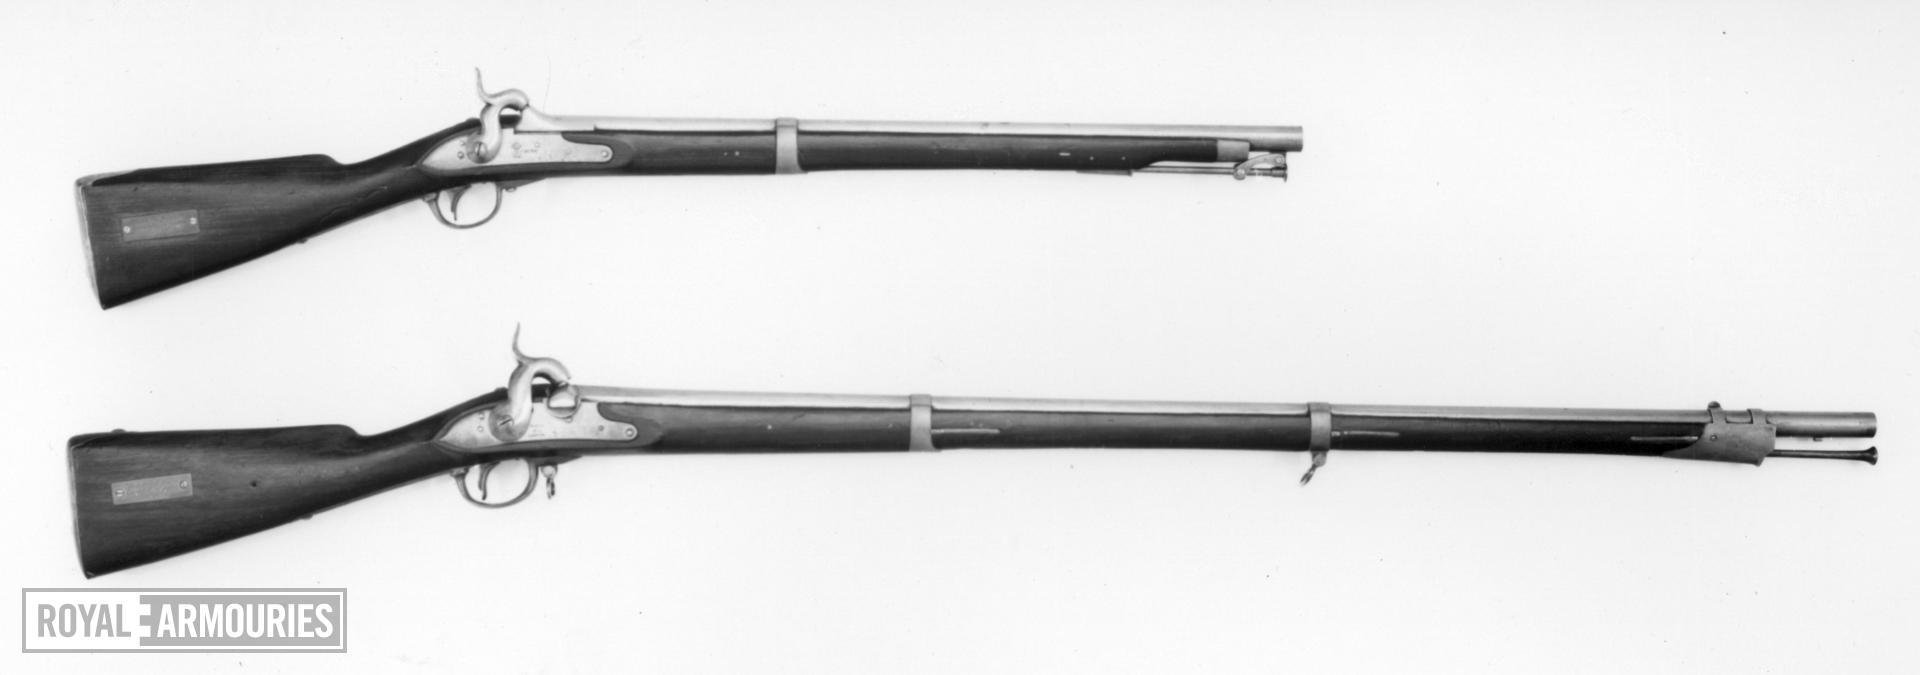 Percussion cavalry carbine - Model 1839